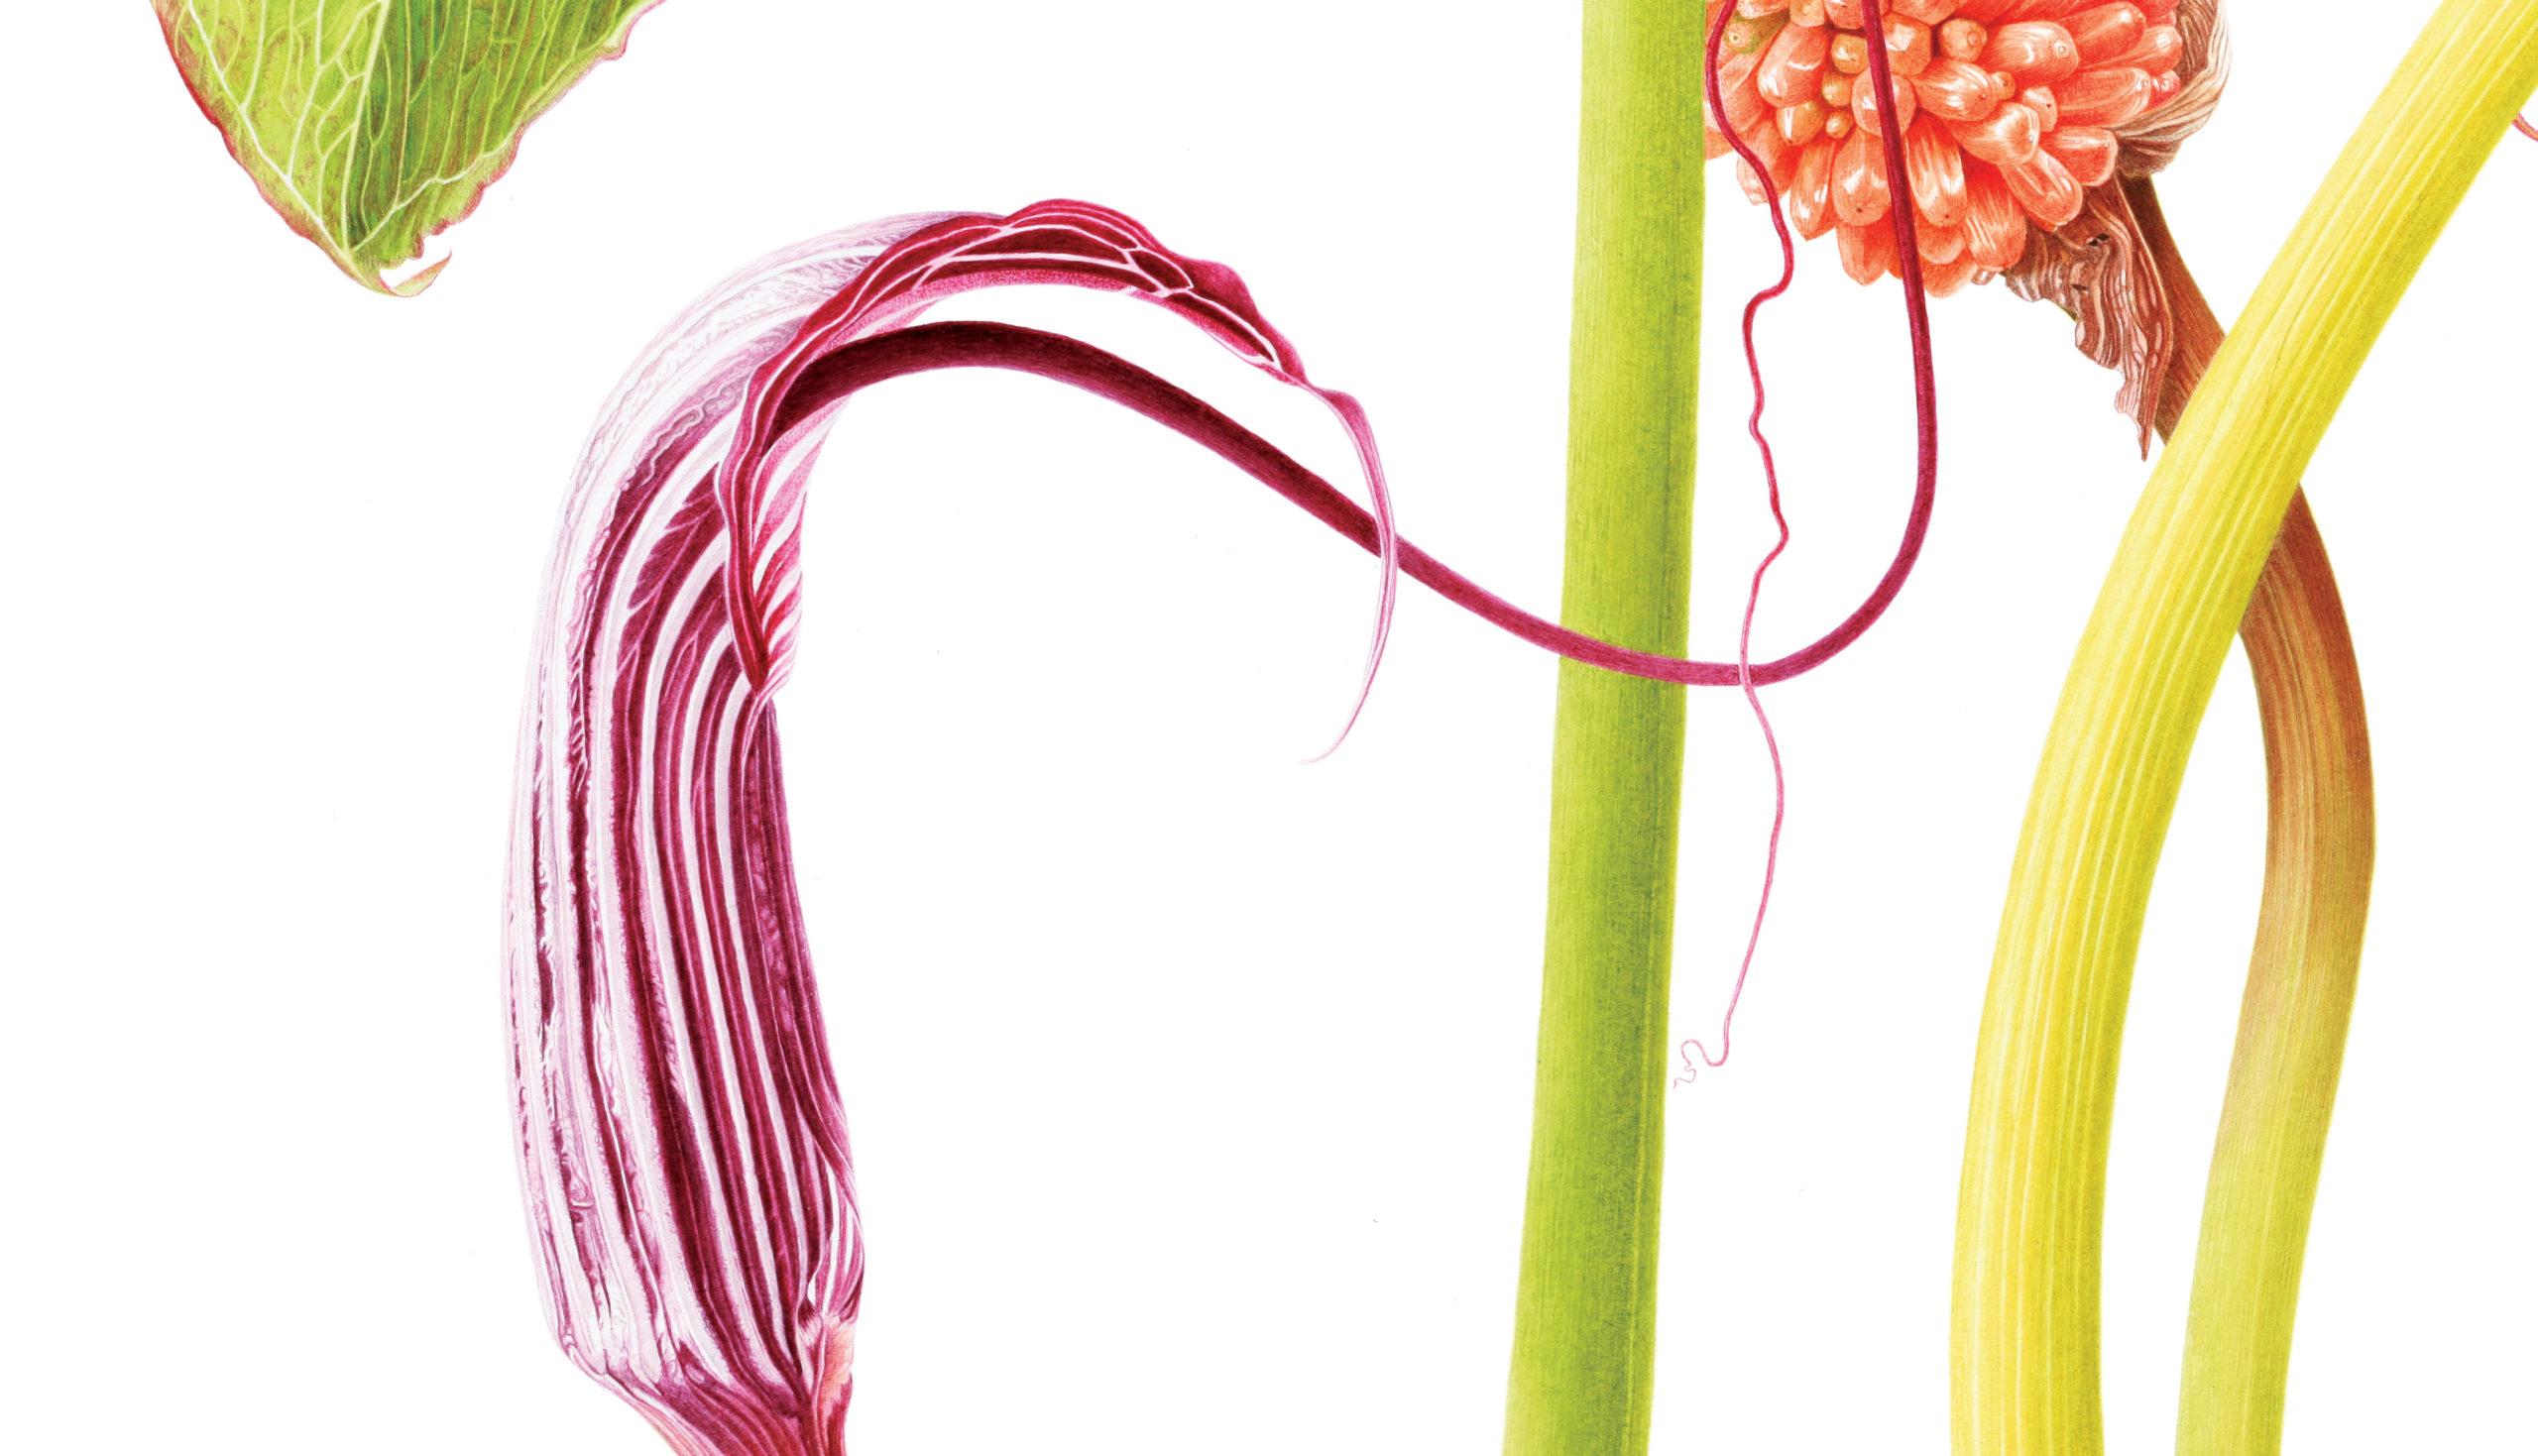 Arisaema costatum - watercolour on Fabriano 5 - detail